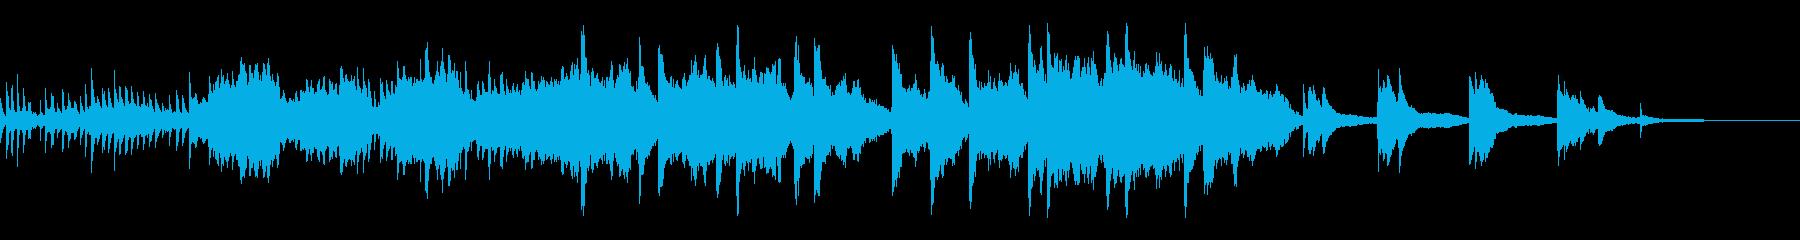 『霧の朝』ピアノとバイオリンの曲の再生済みの波形